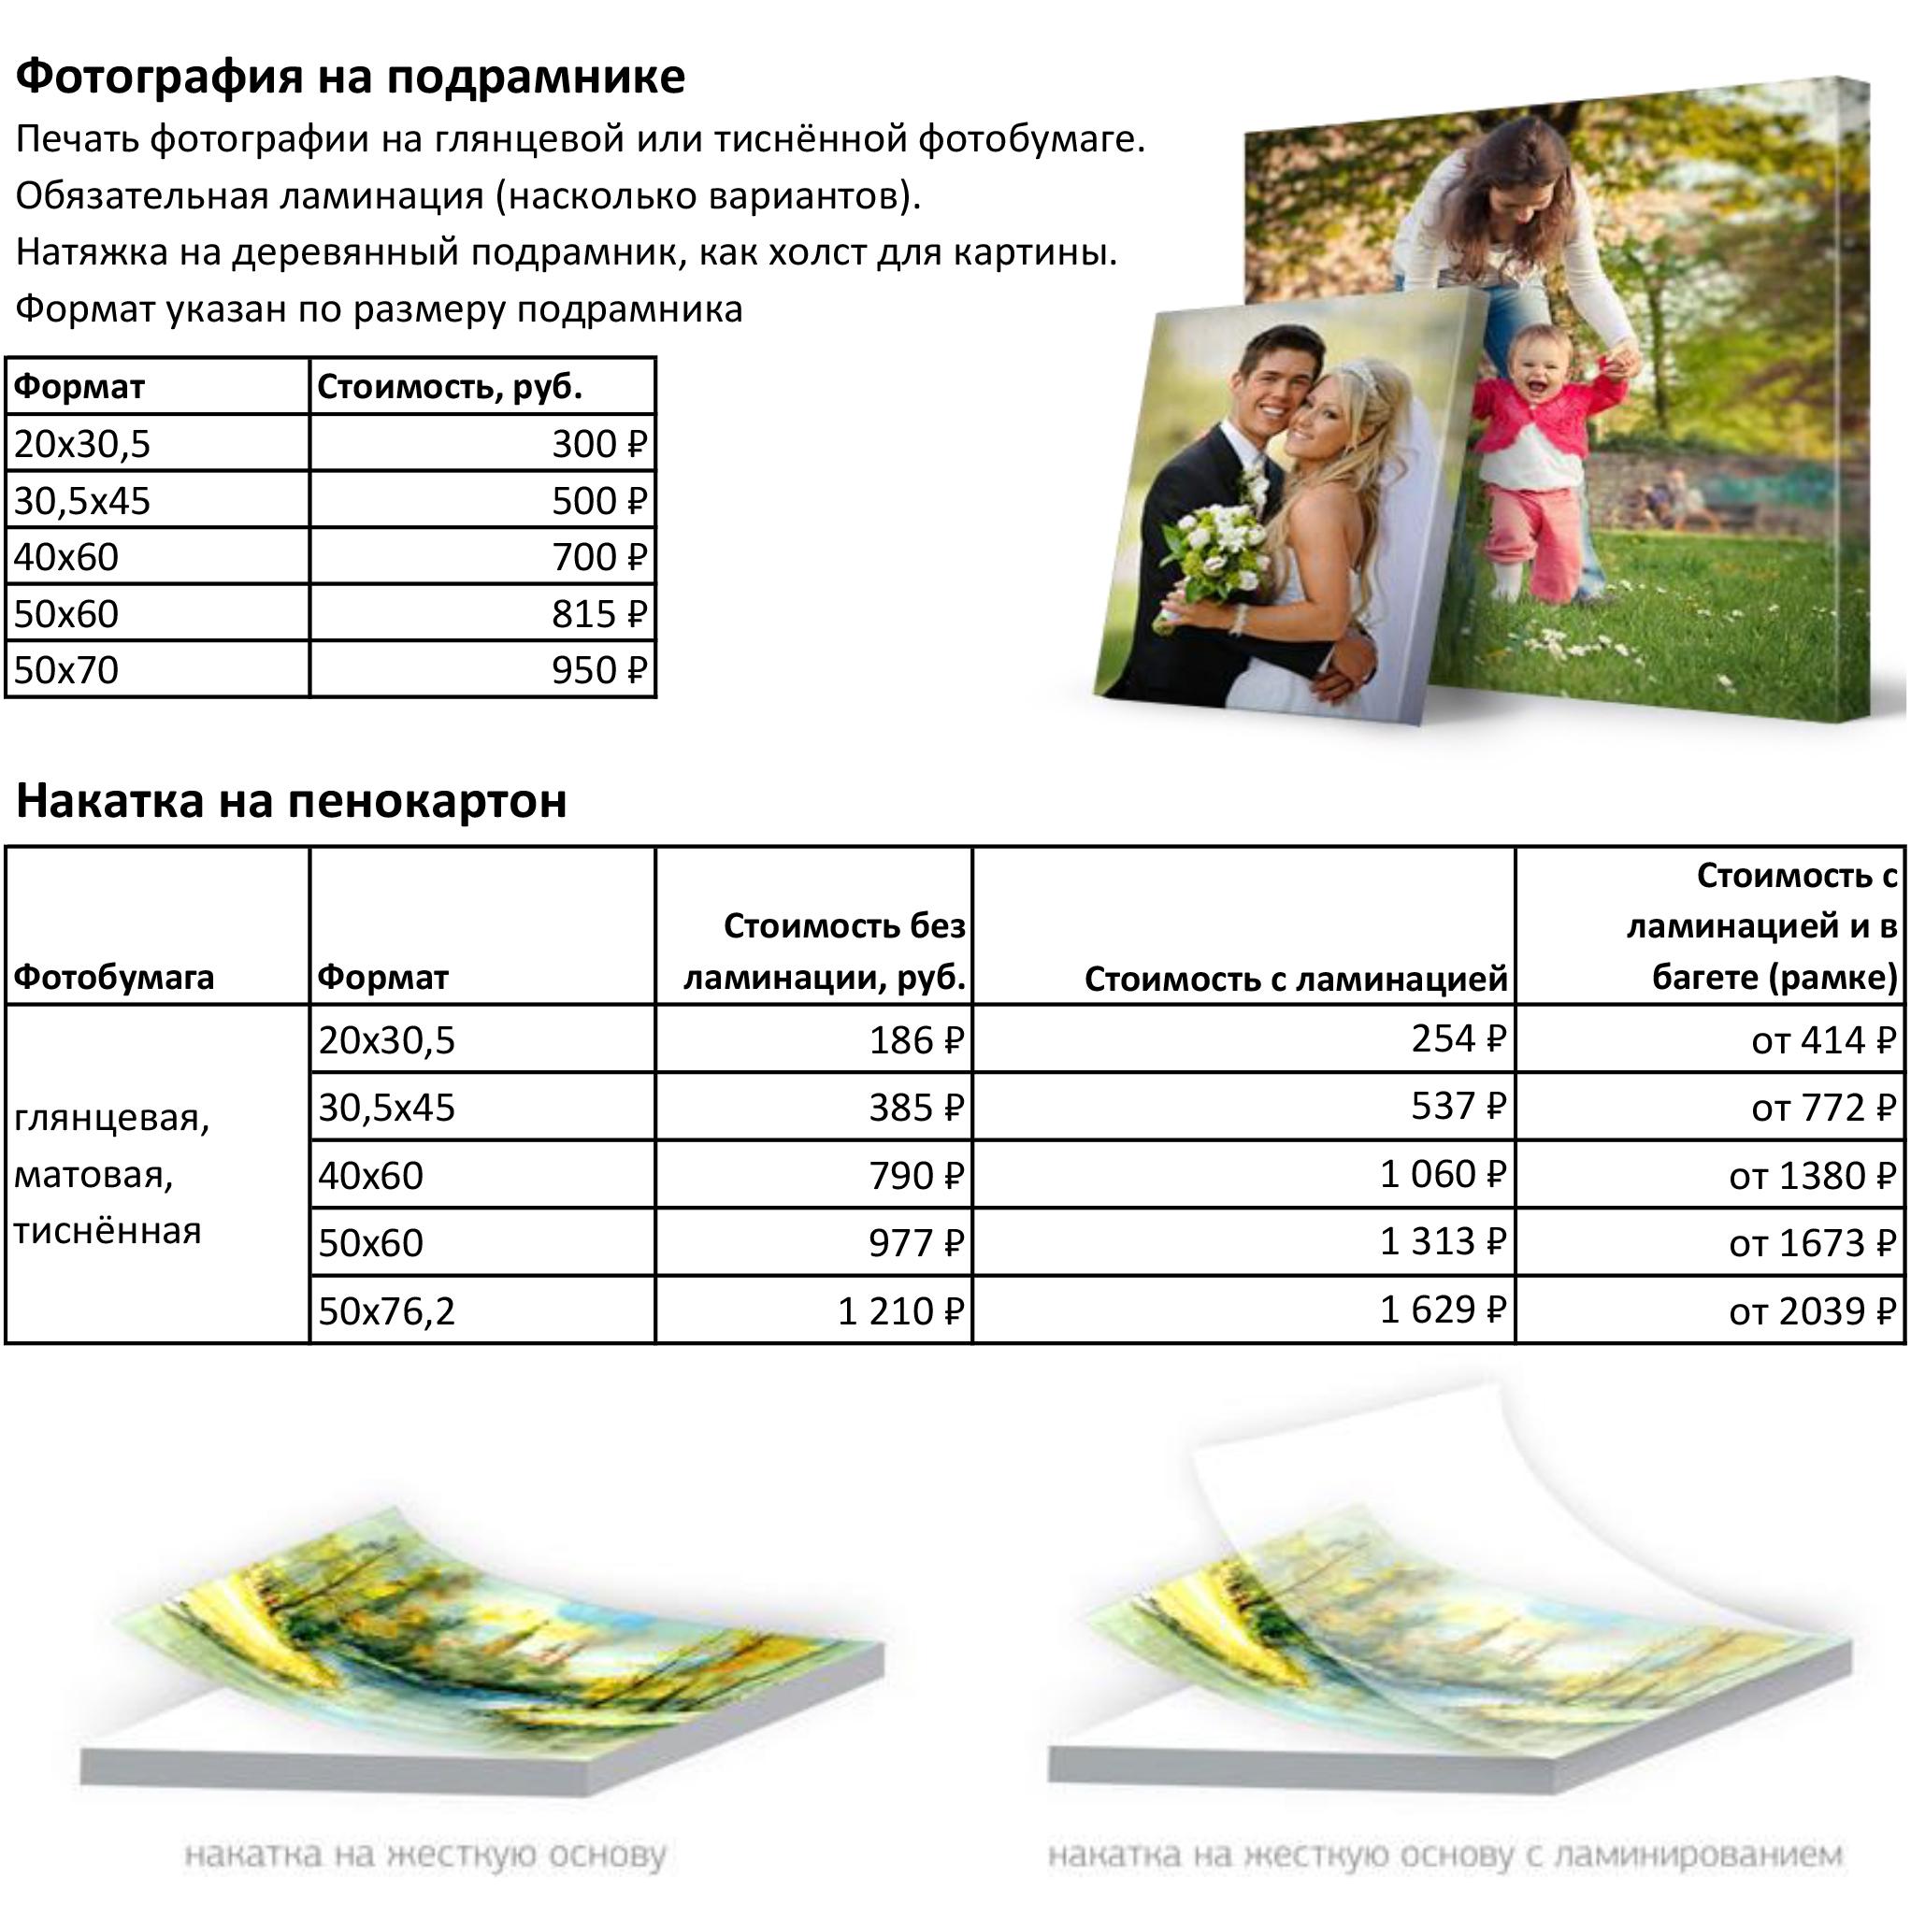 http://artphotolab.ru/wp-content/uploads/2017/11/Прайс Фото на подрамнике и накатка на пенокартон